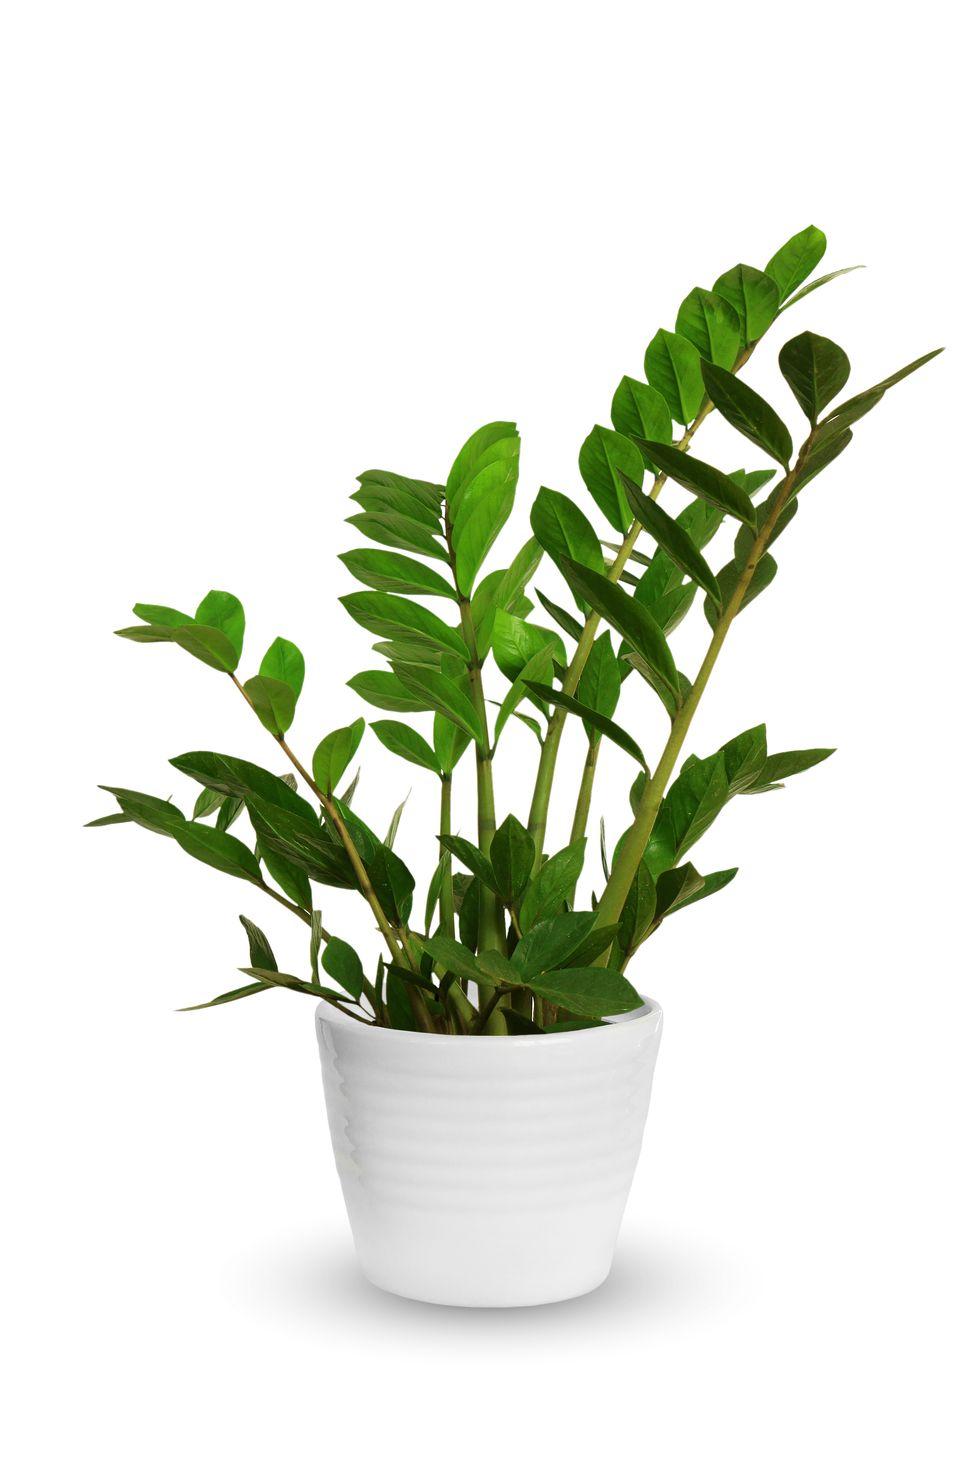 Gợi ý những loại cây tốt nhất có thể trồng trong nhà bếp để làm sáng không gian nhà bạn - Ảnh 7.